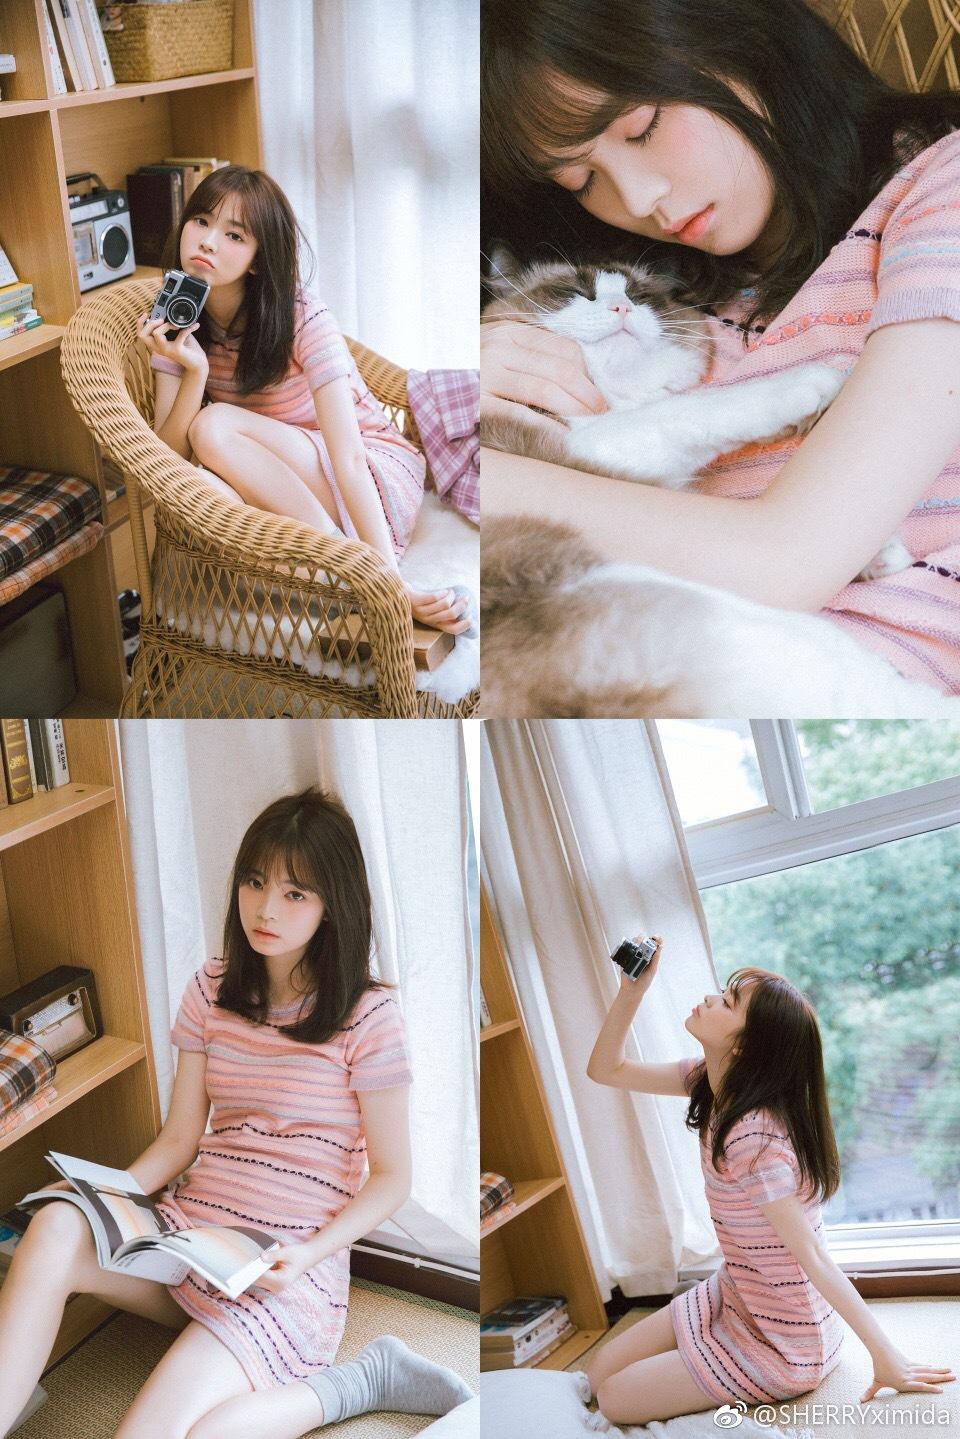 想打包一份慵懒给你 像秋天沙发里的小猫插图6